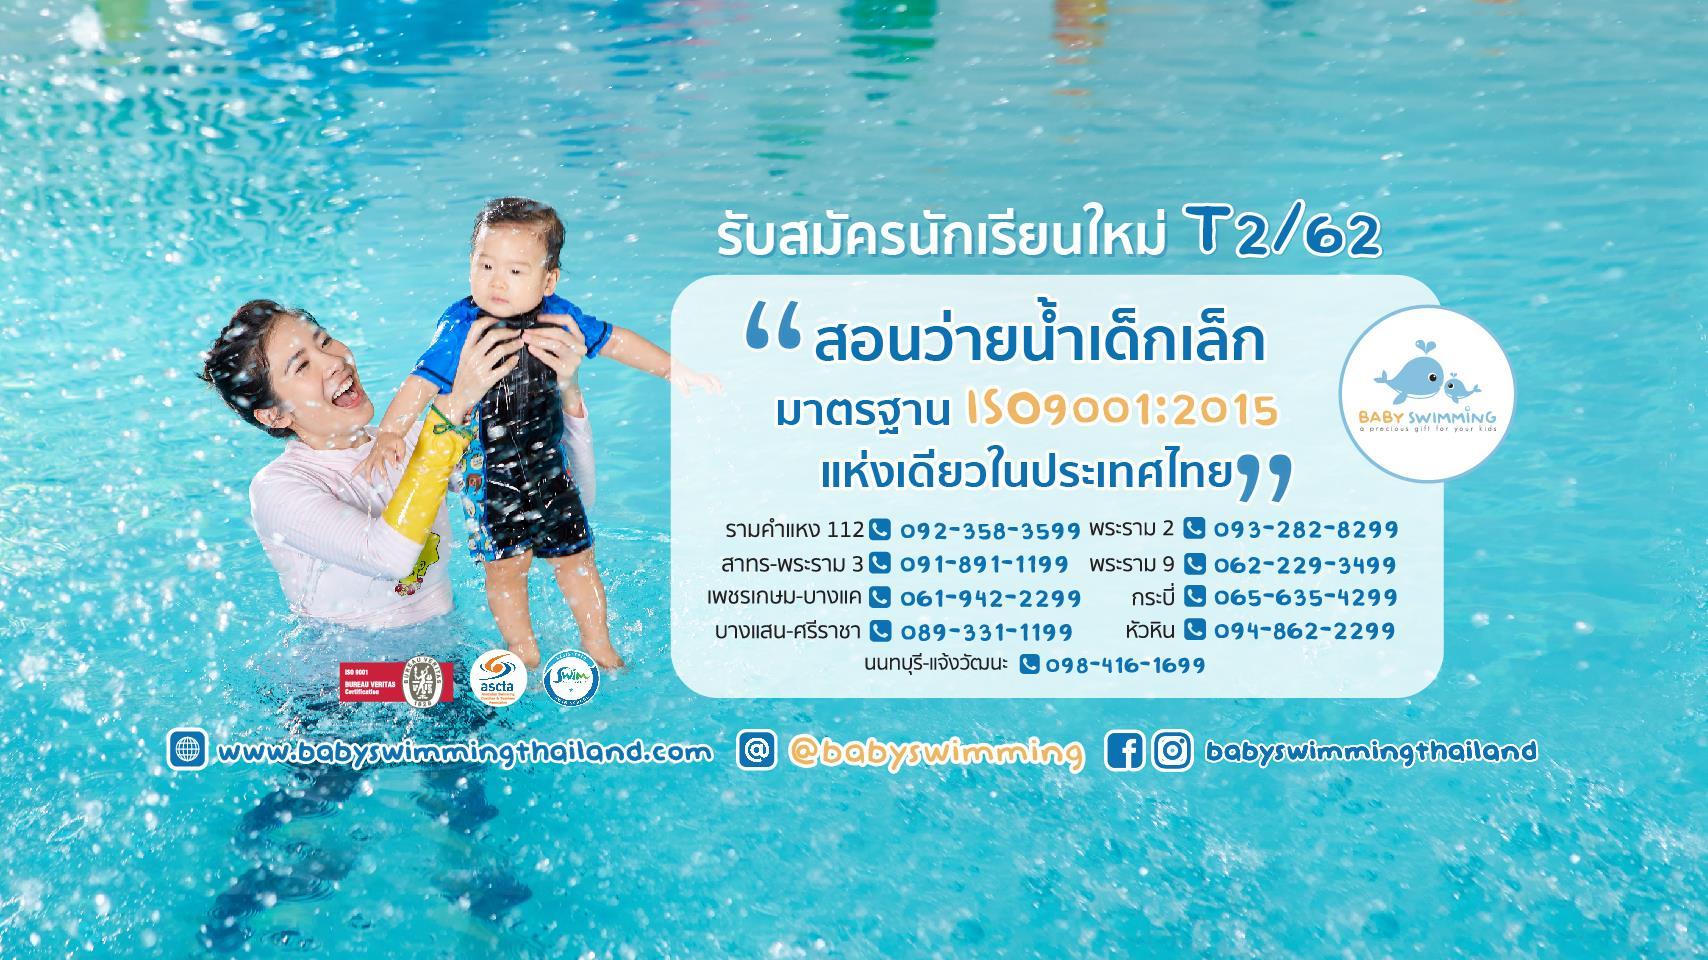 โรงเรียนสอนว่ายน้ำทารกและเด็ก